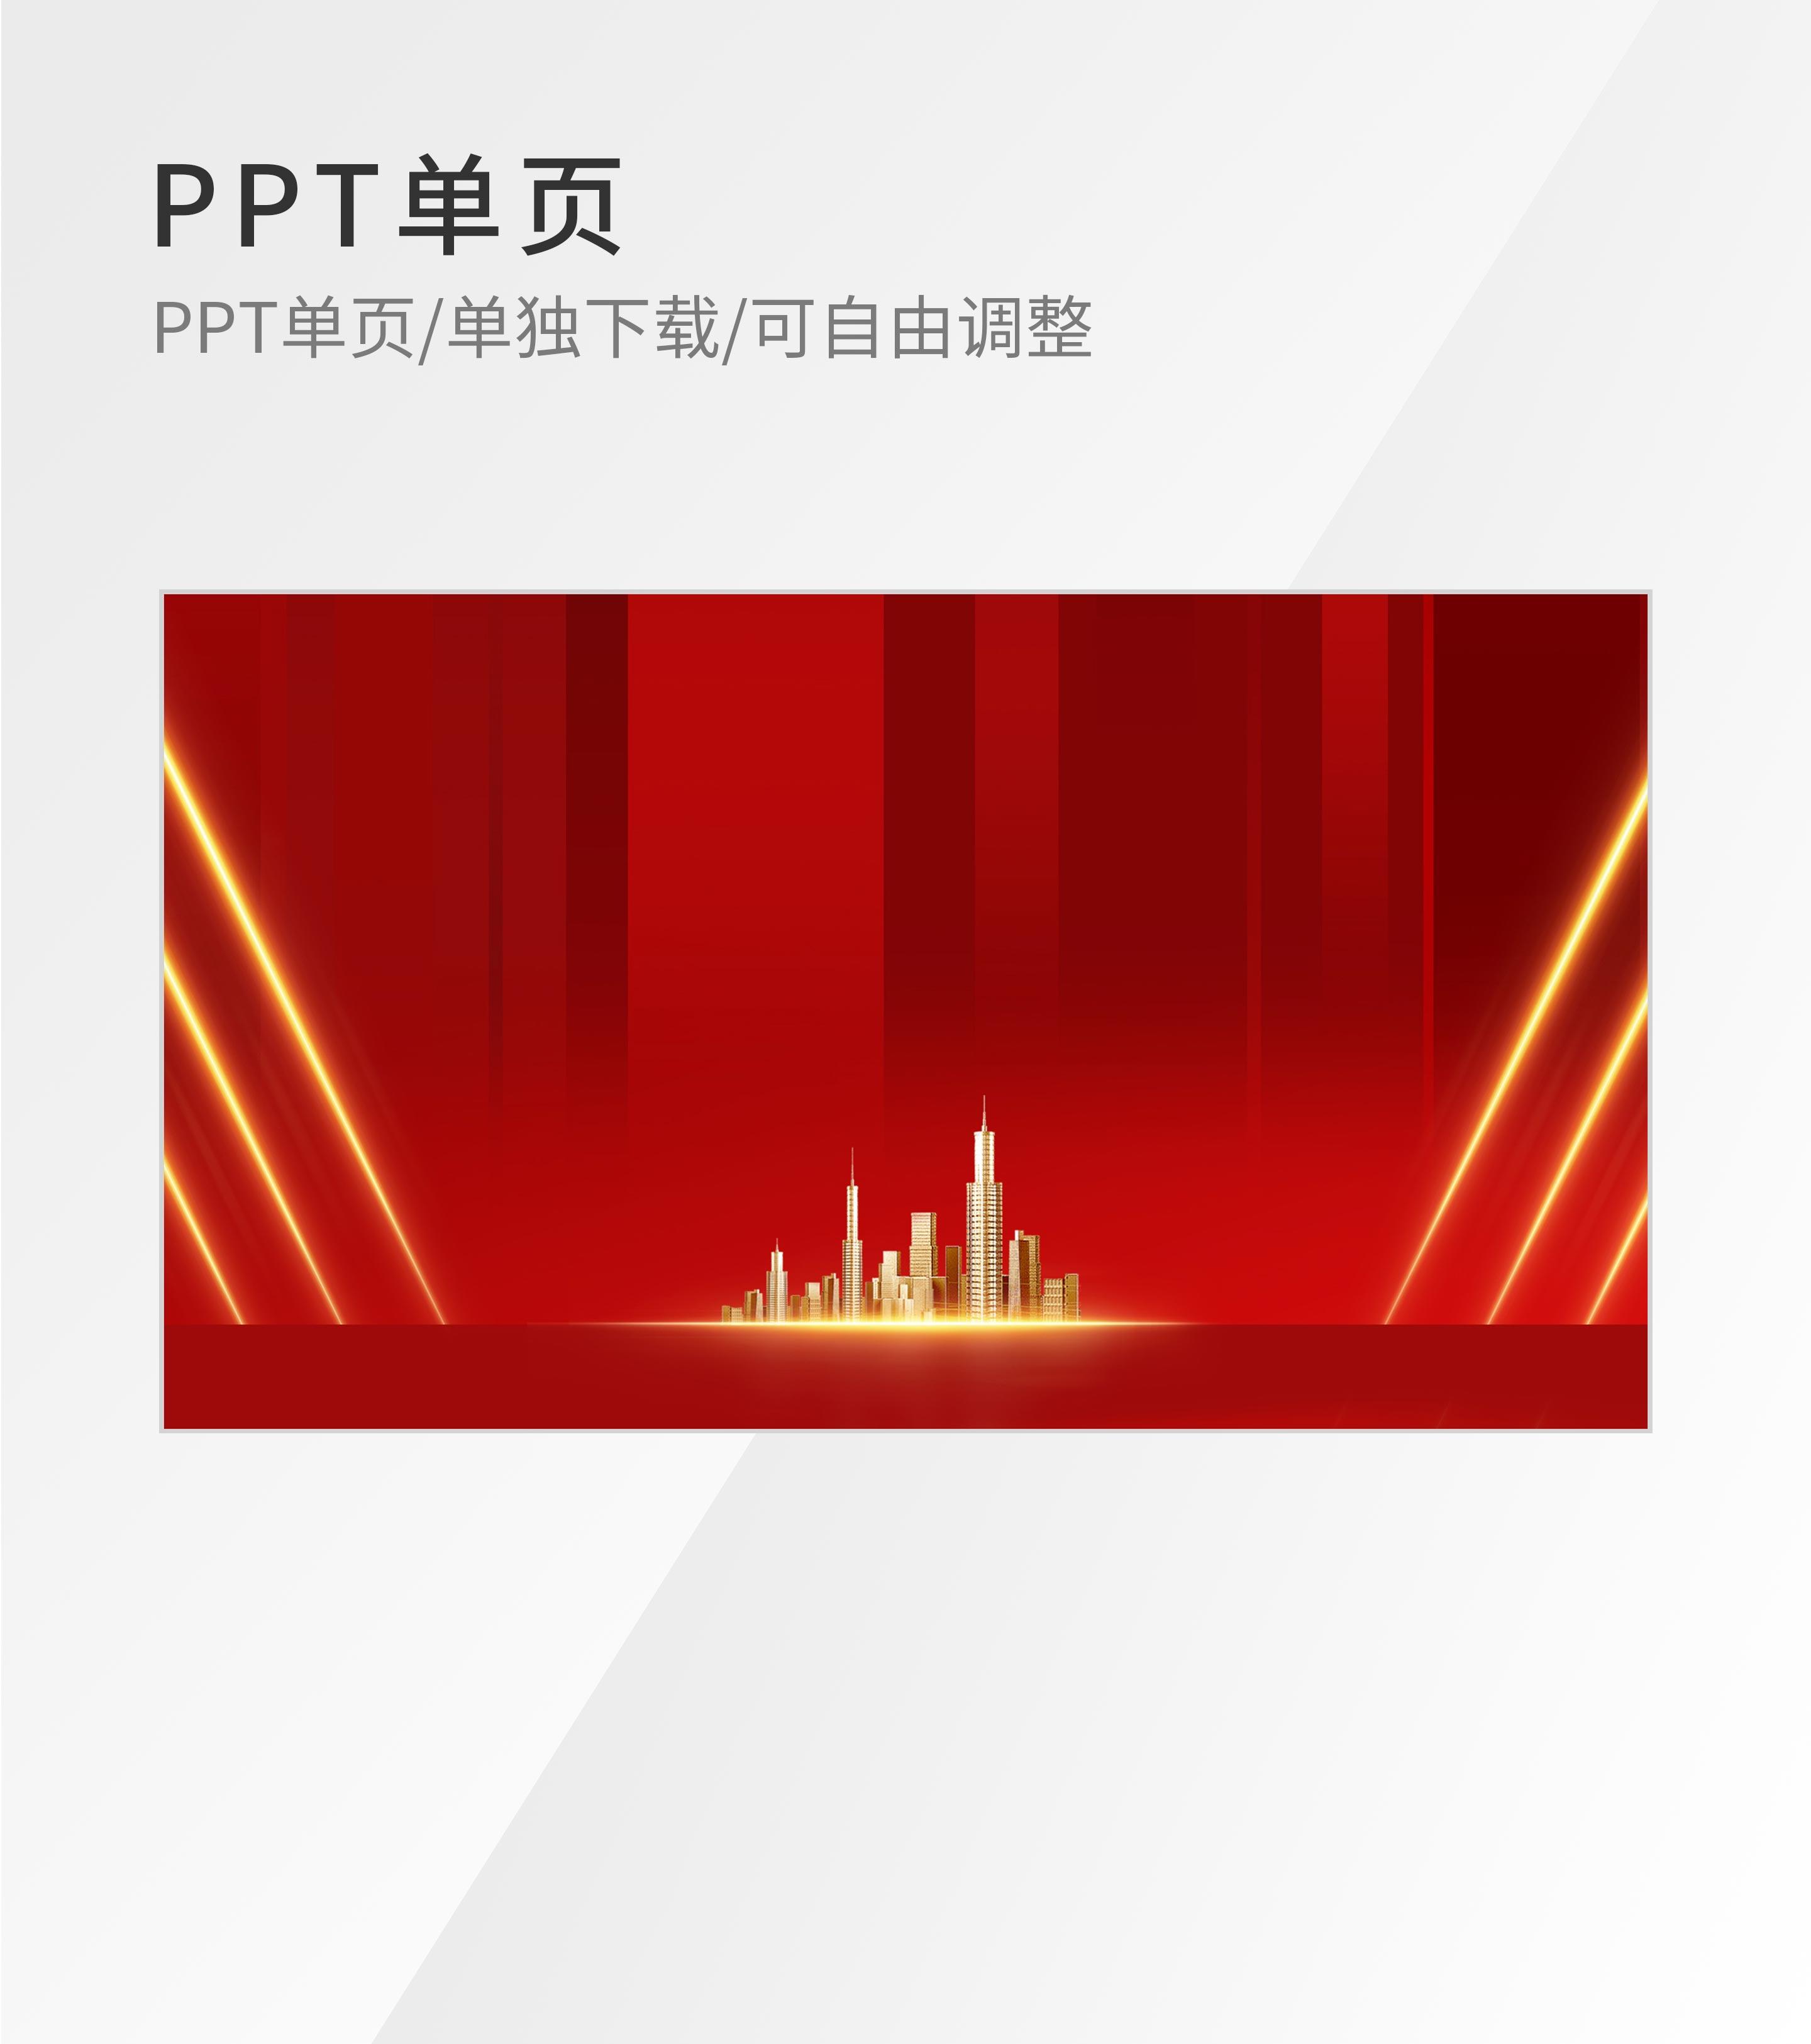 红色奢华风PPT封面背景